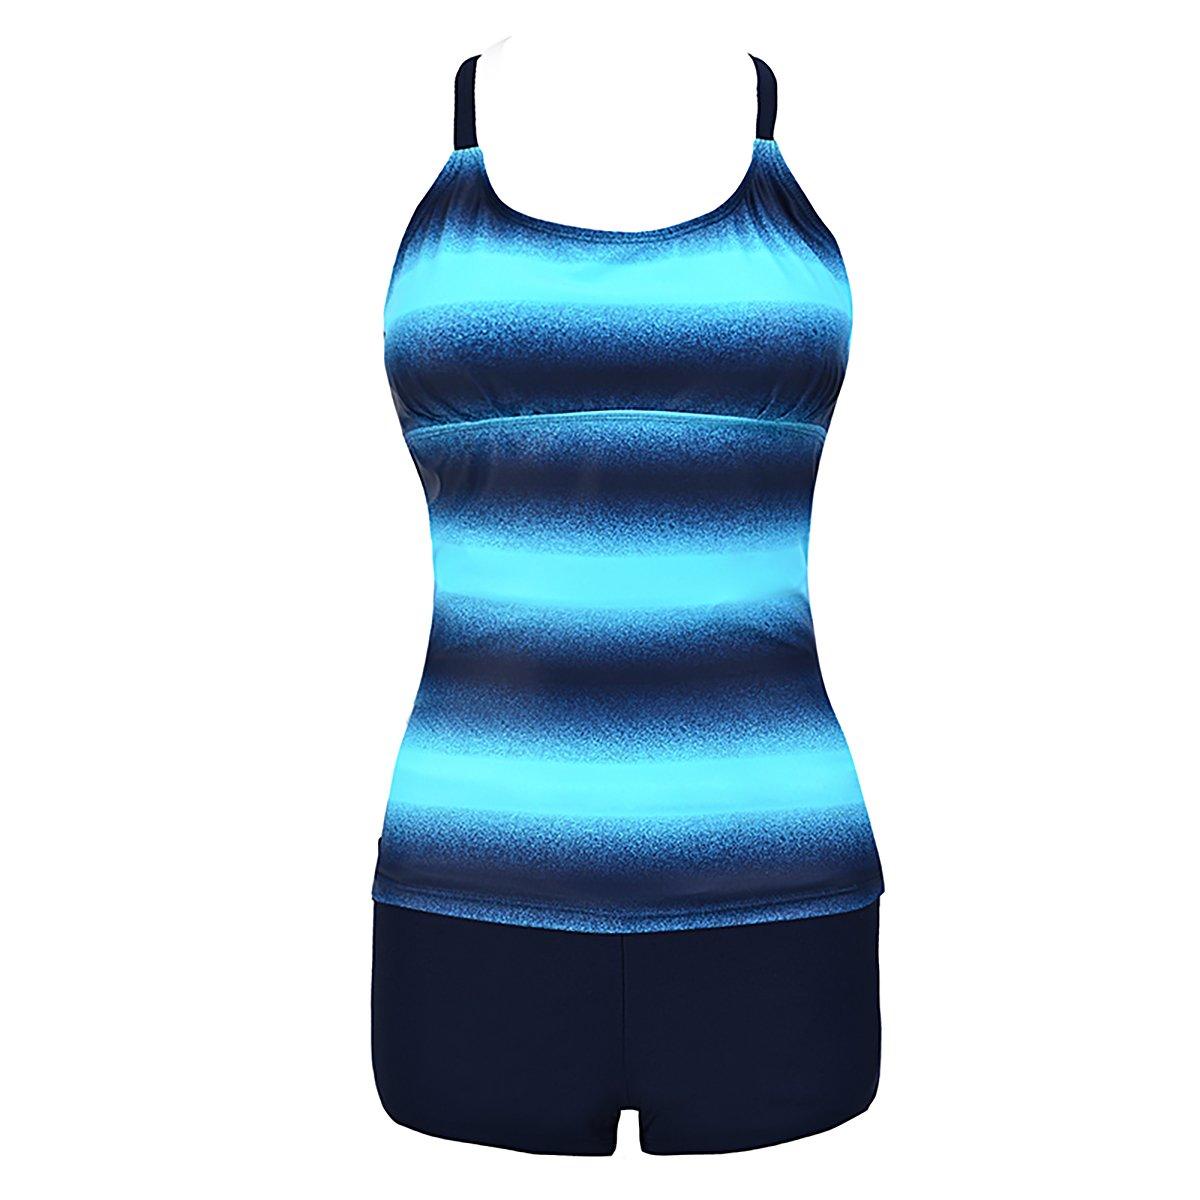 bluee CL ChenLen Women Strappy Open Back Stripes Tankini Swimsuit Set